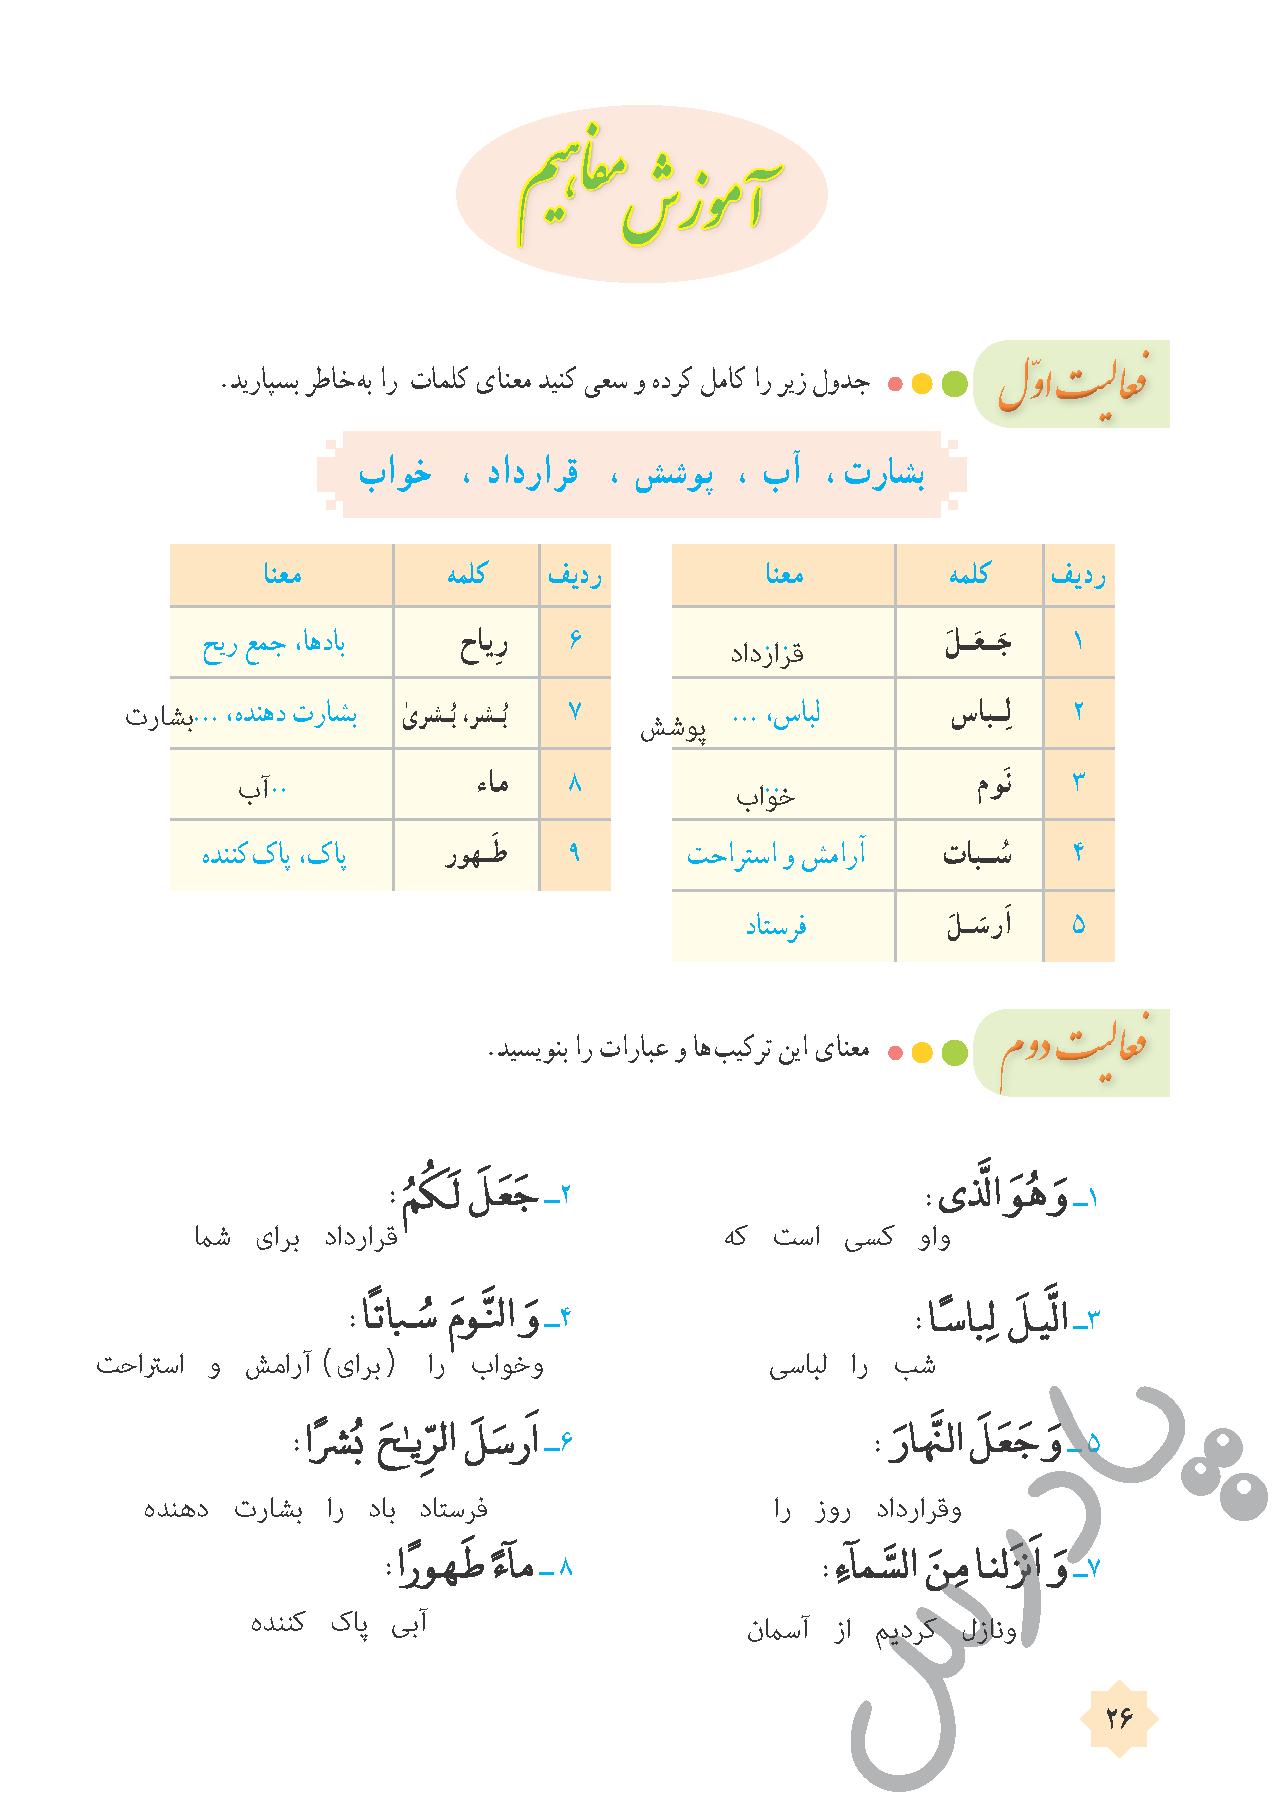 جواب فعالیت های درس 2 قرآن هشتم -جلسه دوم